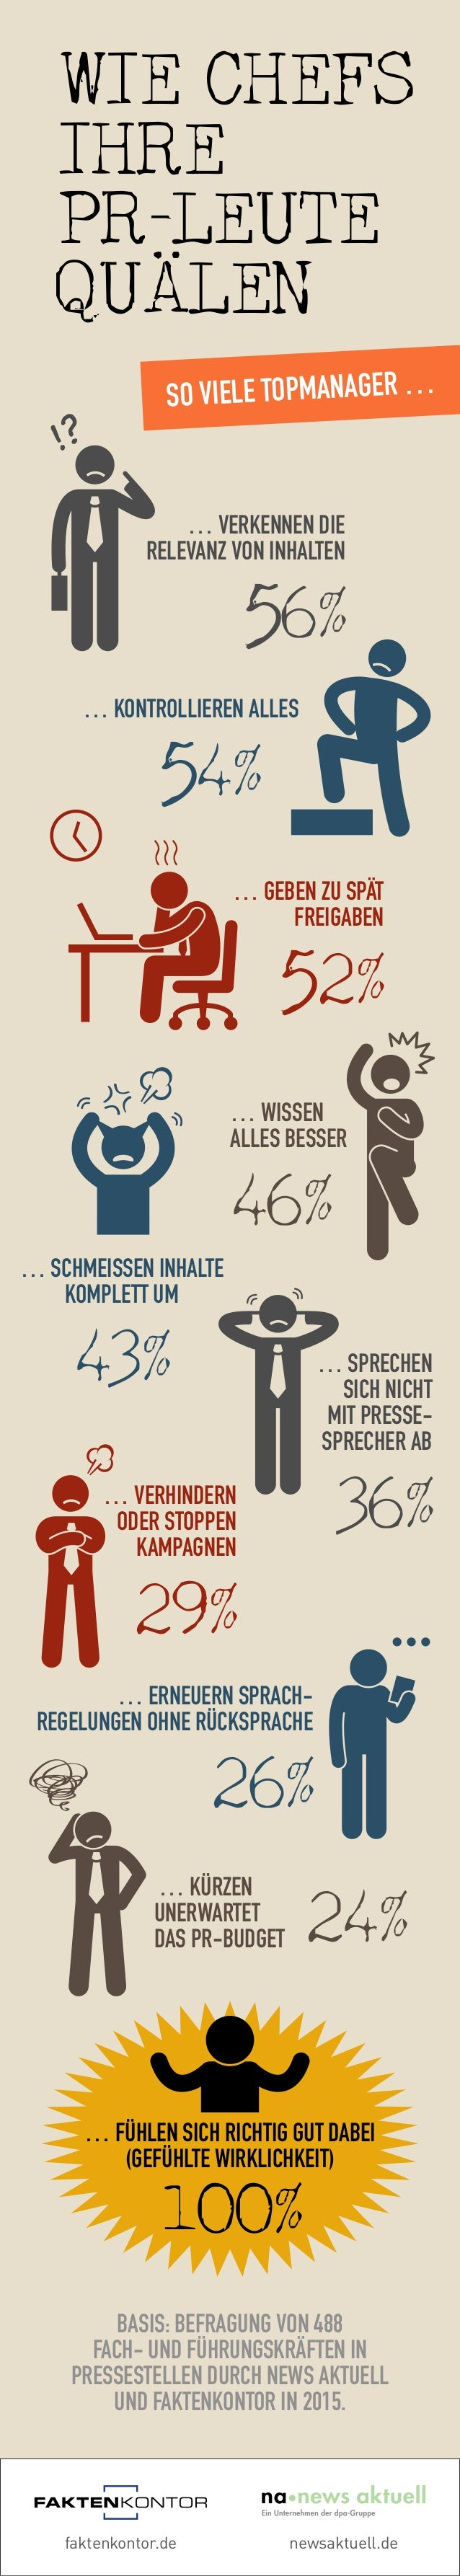 faktenkontor.de newsaktuell.de So viele Topmanager … Wie Chefs ihre PR-Leute qualen : … verkennen die Relevanz von Inhalte...